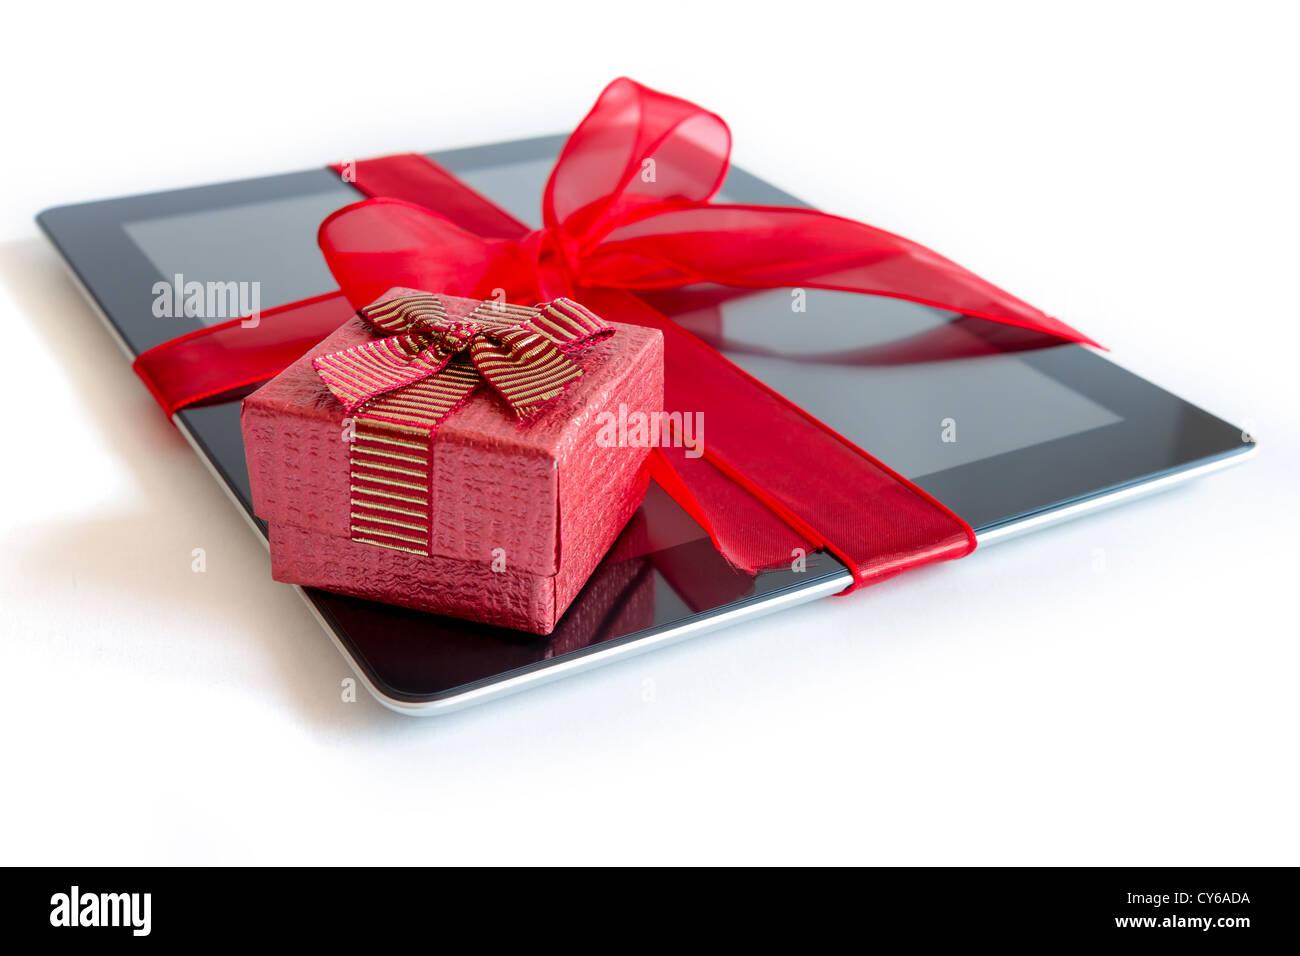 Digital-Tablette mit roten Schleife Geschenk isoliert auf weiss. Stockbild